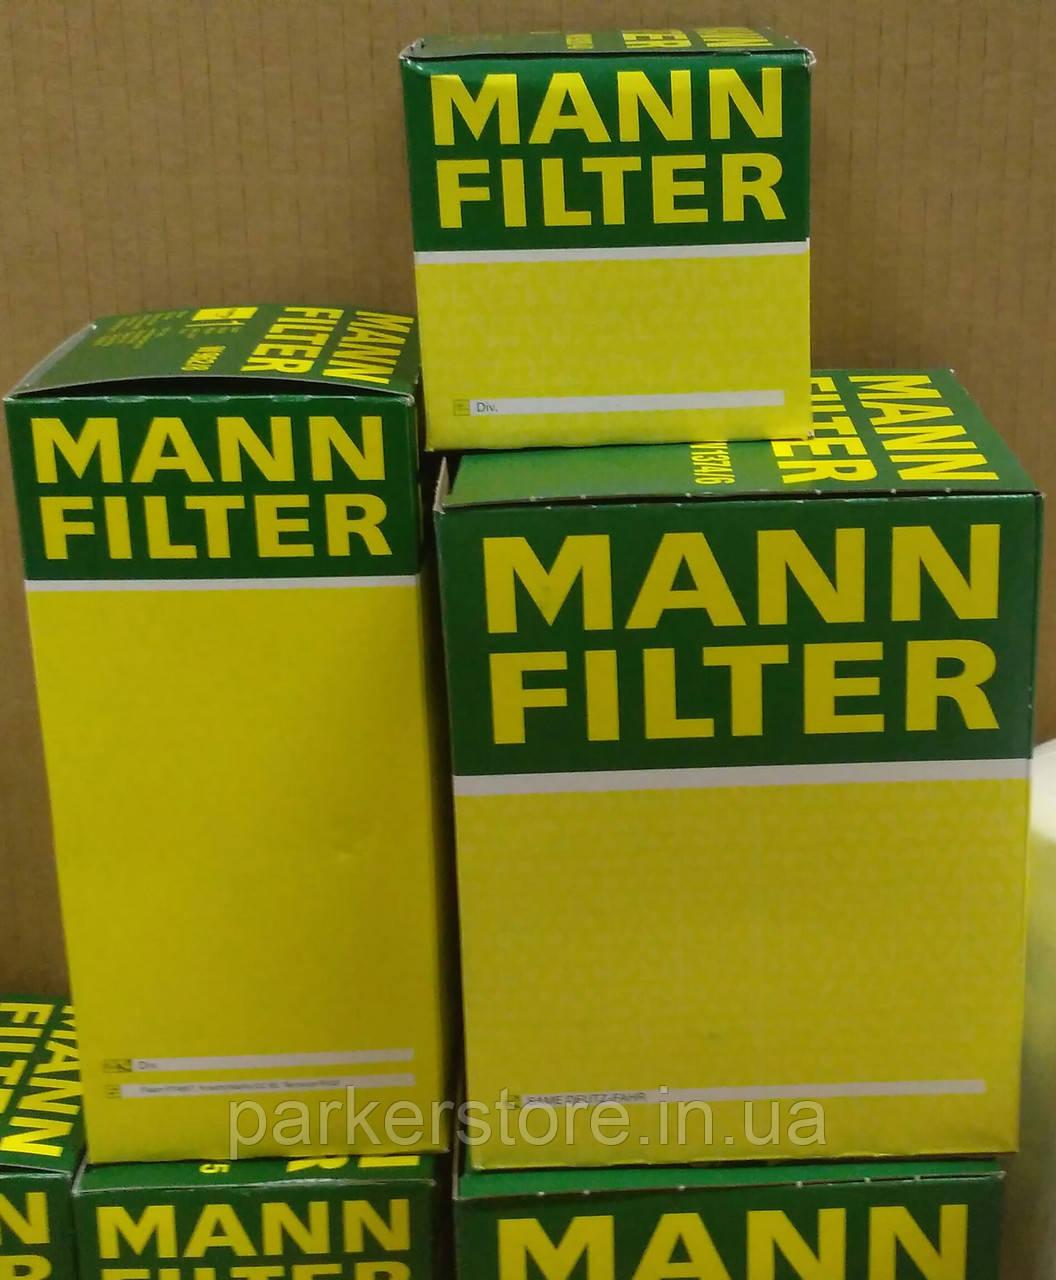 MANN FILTER / Повітряний фільтр / C 25 1020 / C251020